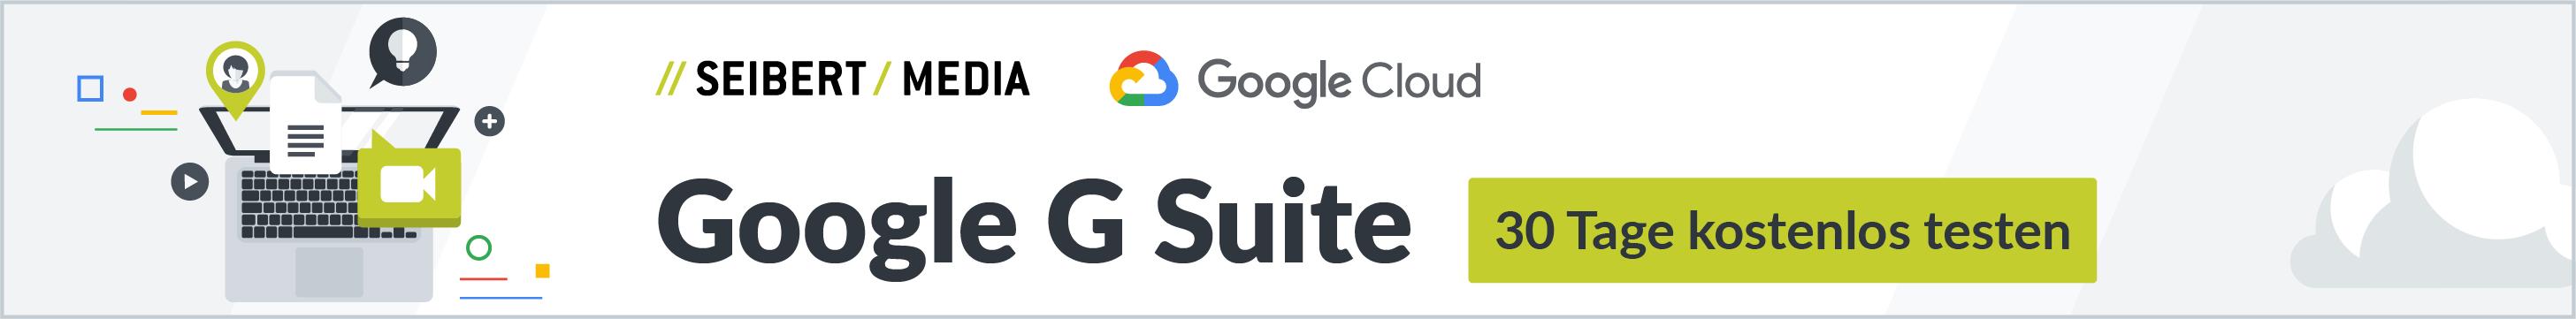 Google G Suite 30 Tage kostenlos testen